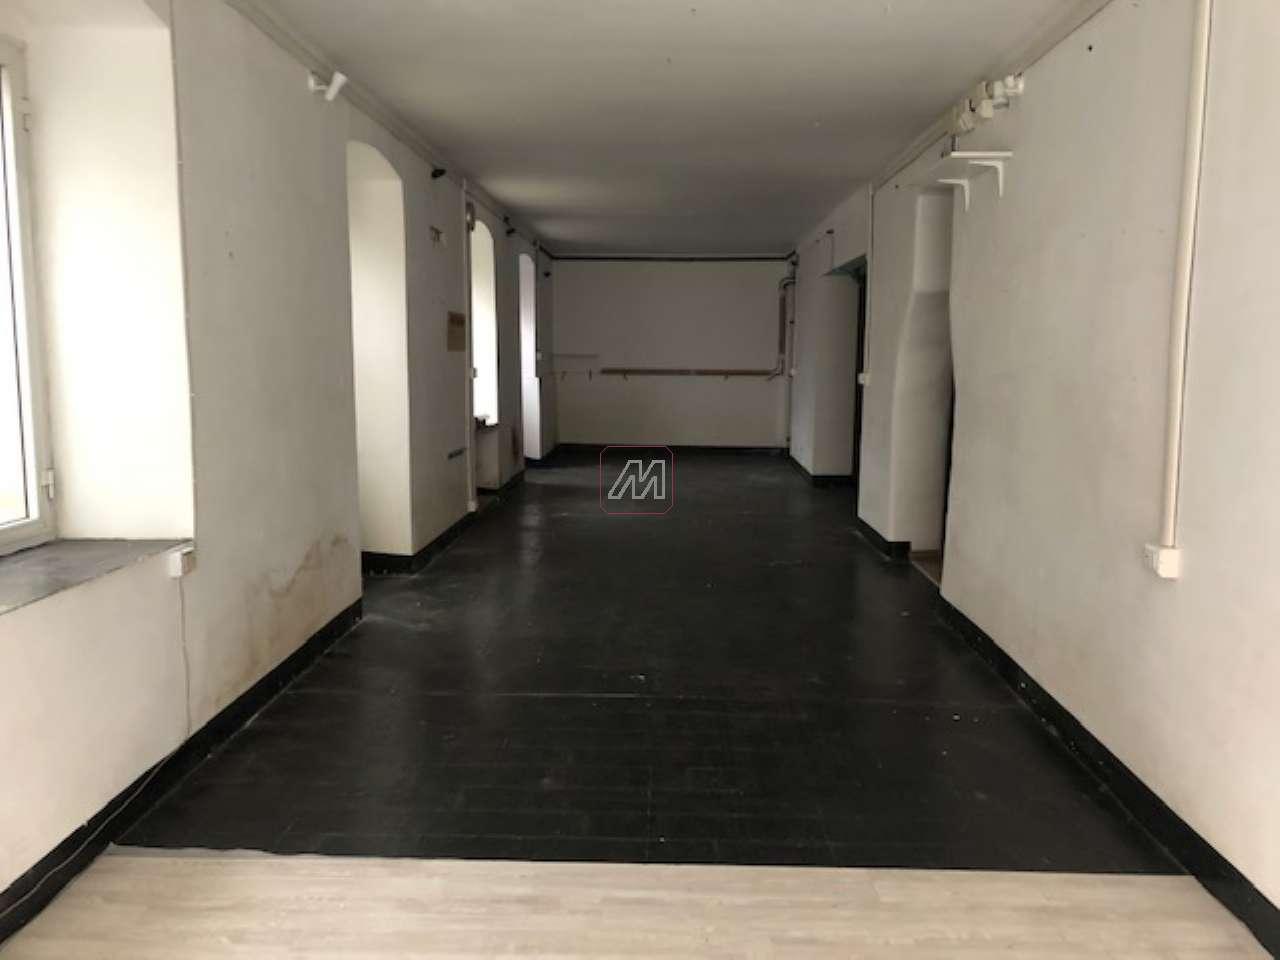 Negozio / Locale in affitto a Genova, 1 locali, zona Pegli, prezzo € 750   PortaleAgenzieImmobiliari.it